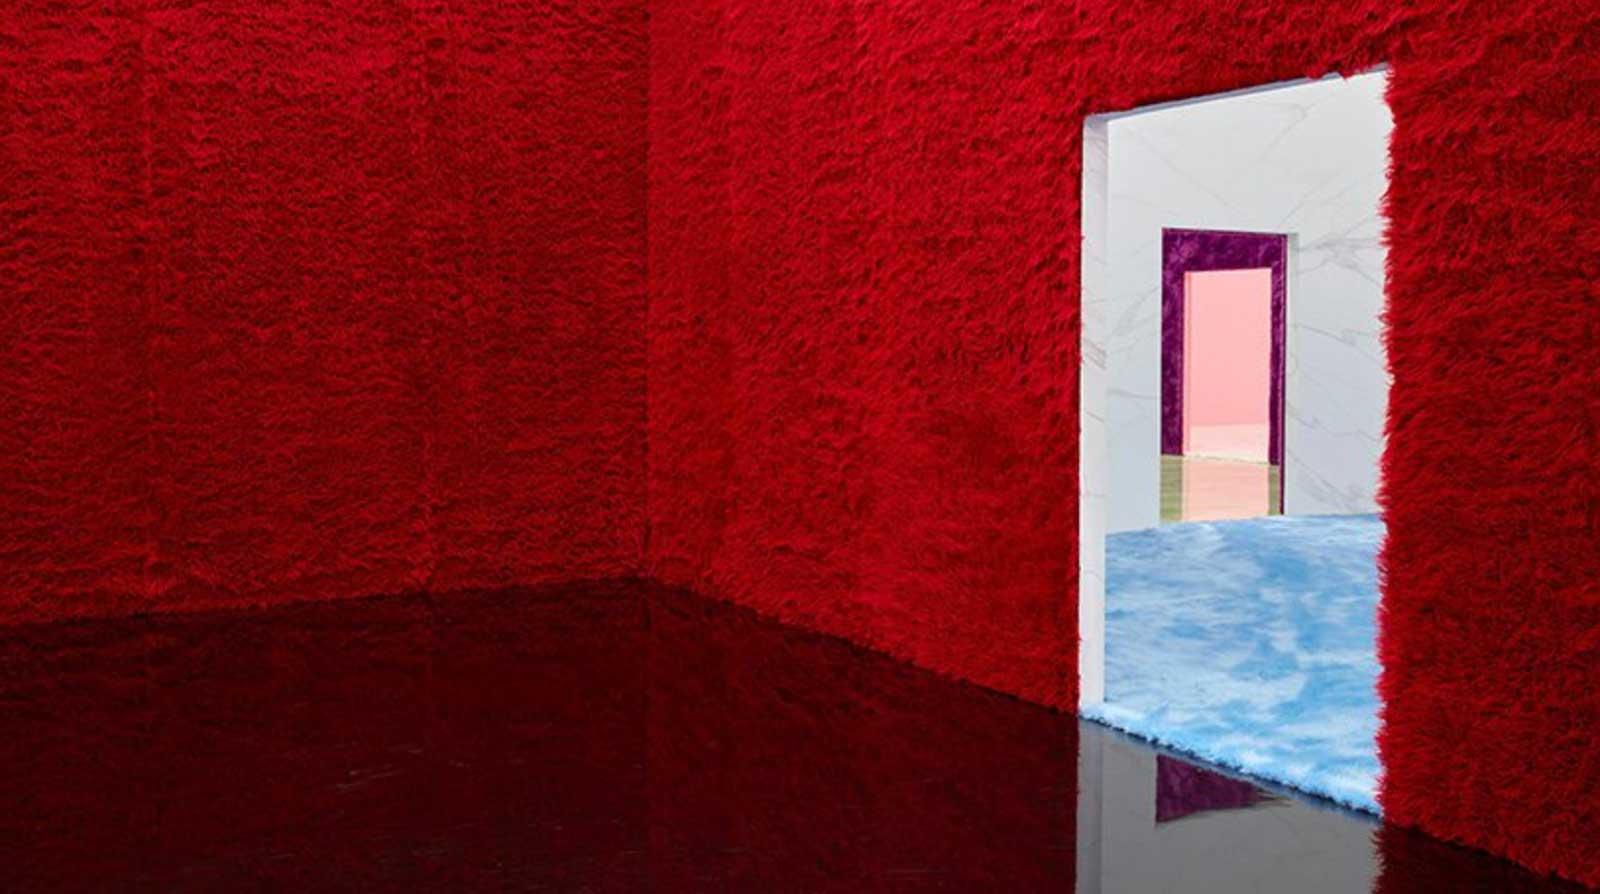 Rem Koolhaas' Prada F/W 2021 menswear set